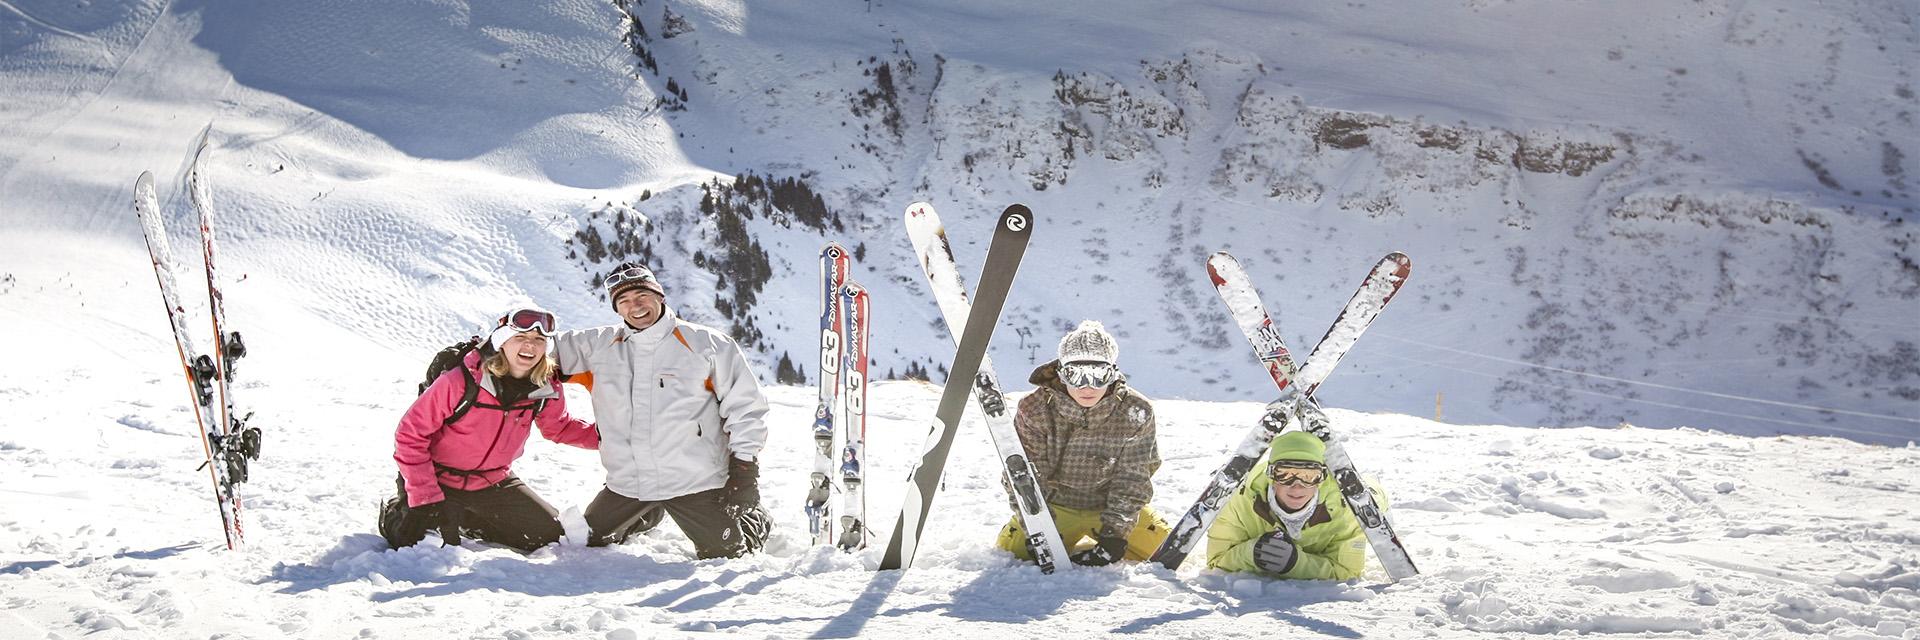 village-club-cap-france-haute-savoie-mont-blanc-le-salvagny-hiver-neige-ski